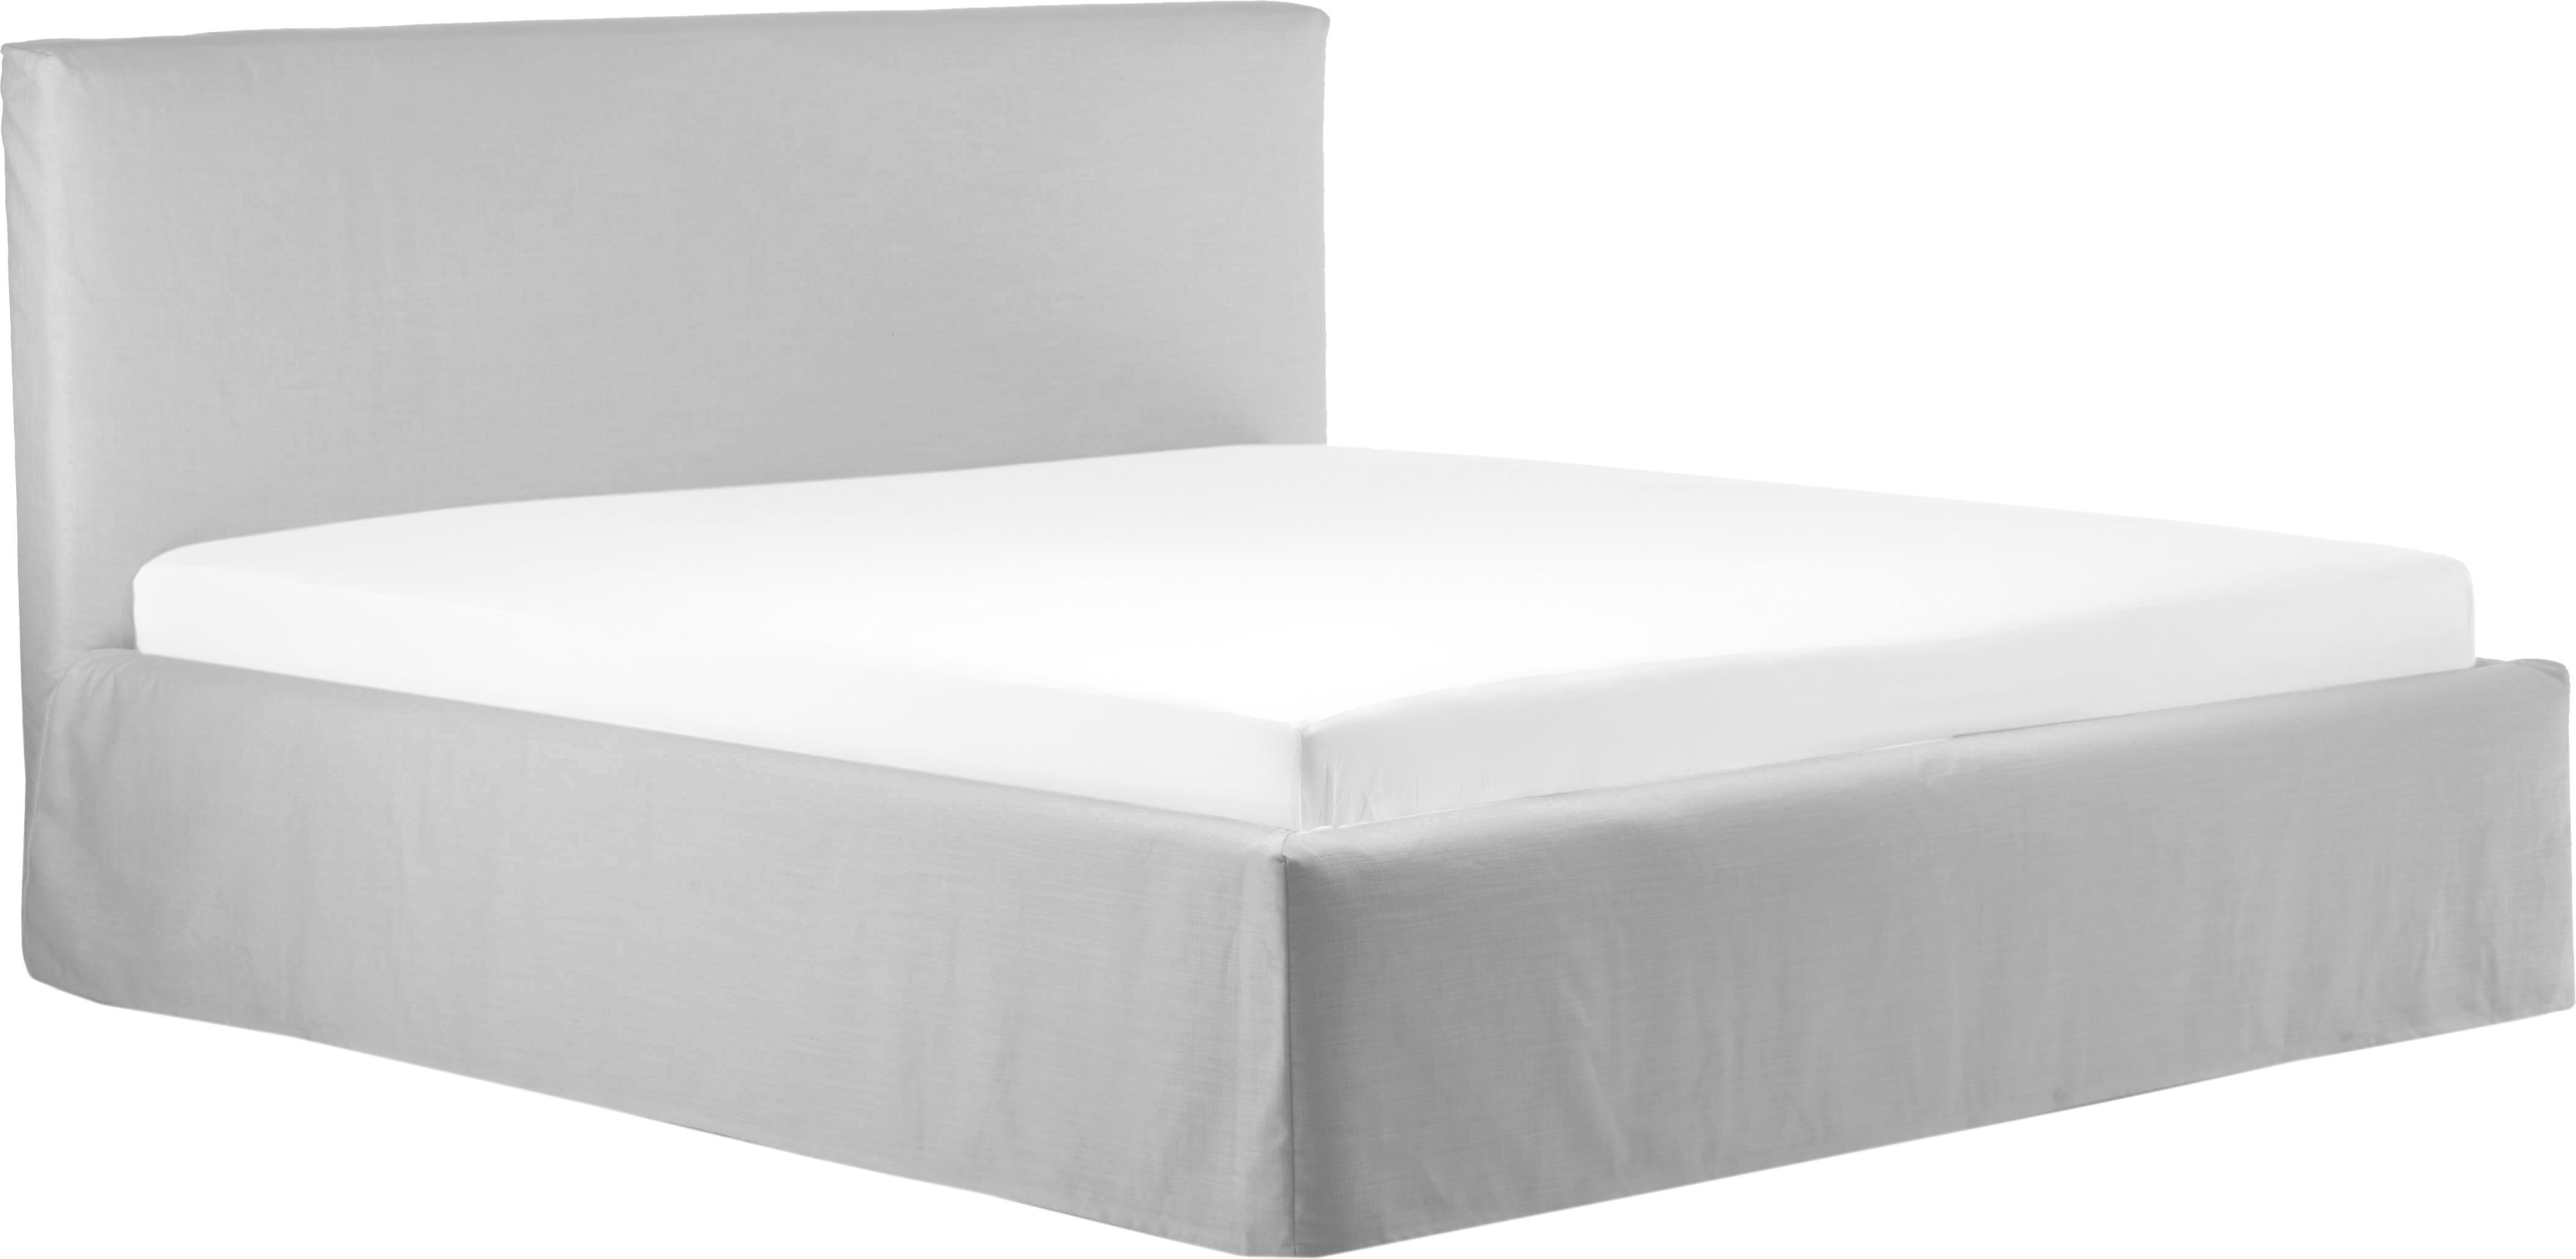 Łóżko tapicerowane  z funkcją przechowywania Feather, Korpus: lite drewno sosnowe, Tapicerka: poliester (materiał tekst, Jasny szary, 140 x 200 cm